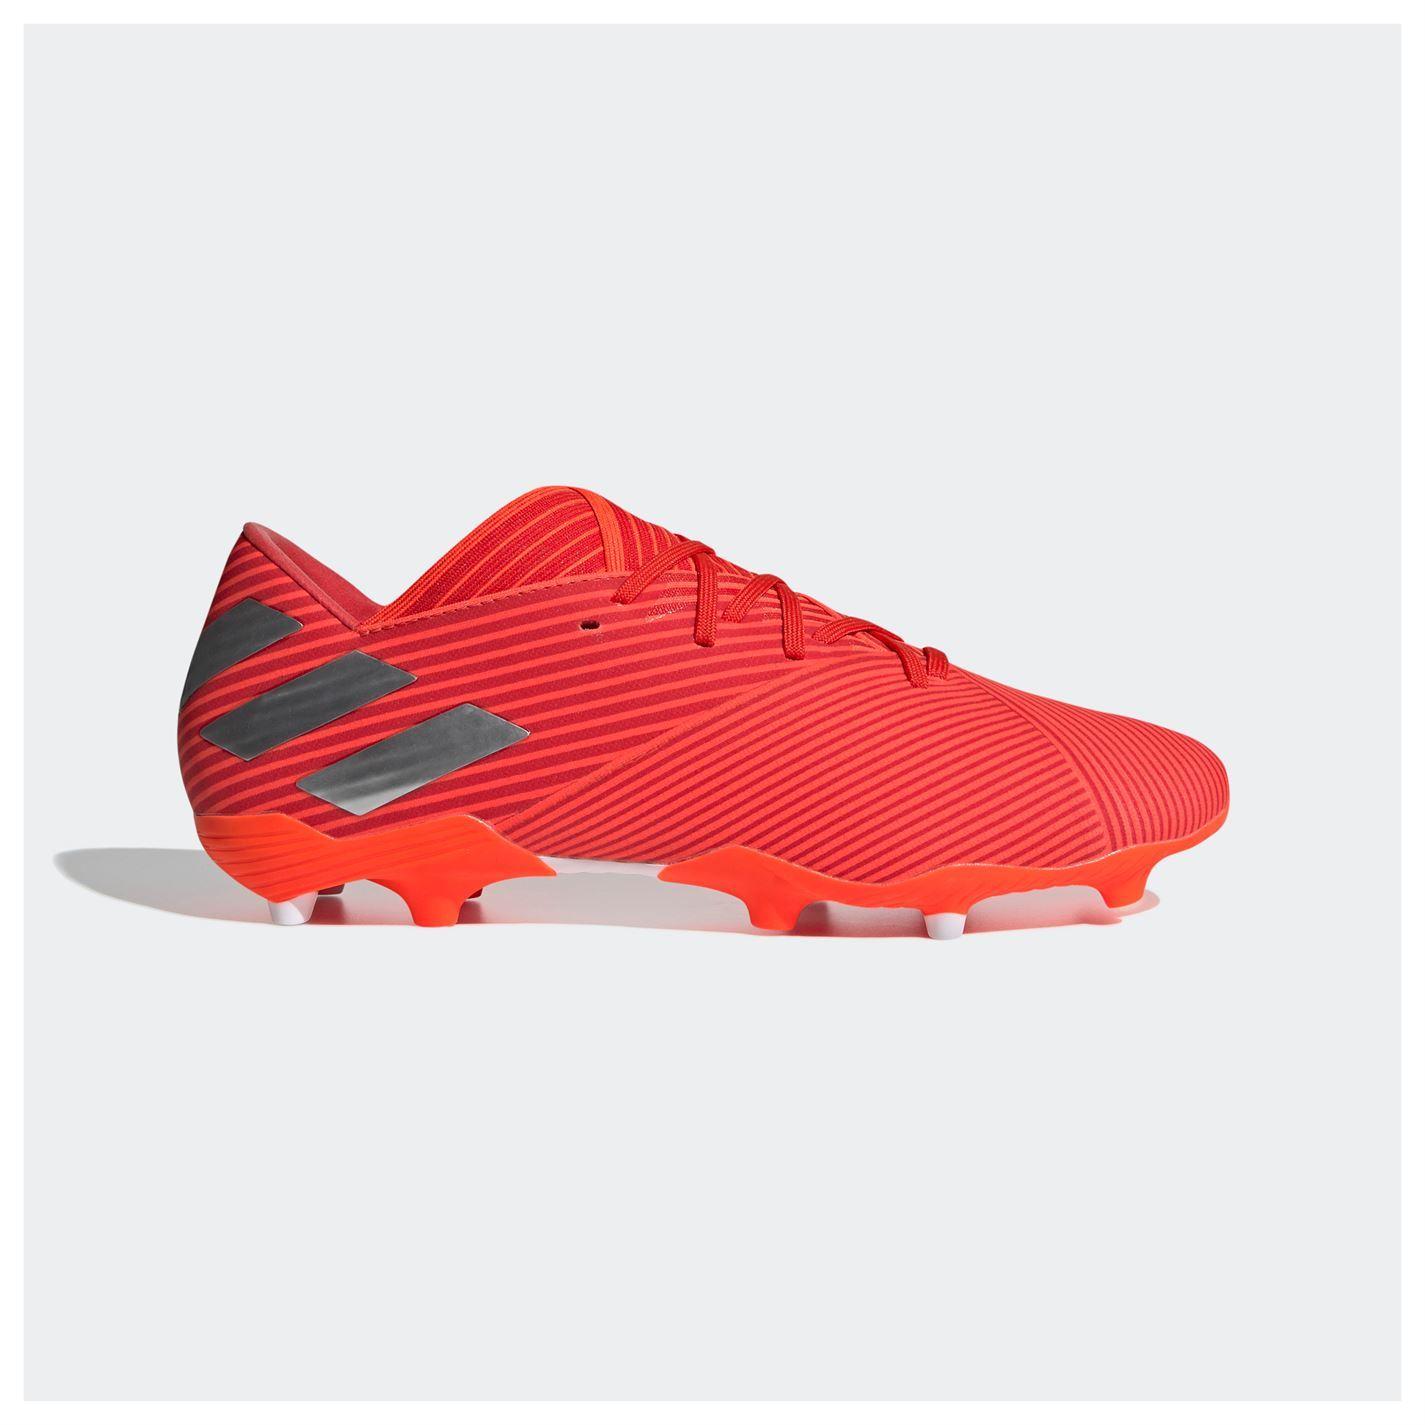 Adidas-nemeziz-19-2-Firm-Ground-FG-Chaussures-De-Football-Hommes-Soccer-Crampons-Chaussures miniature 17